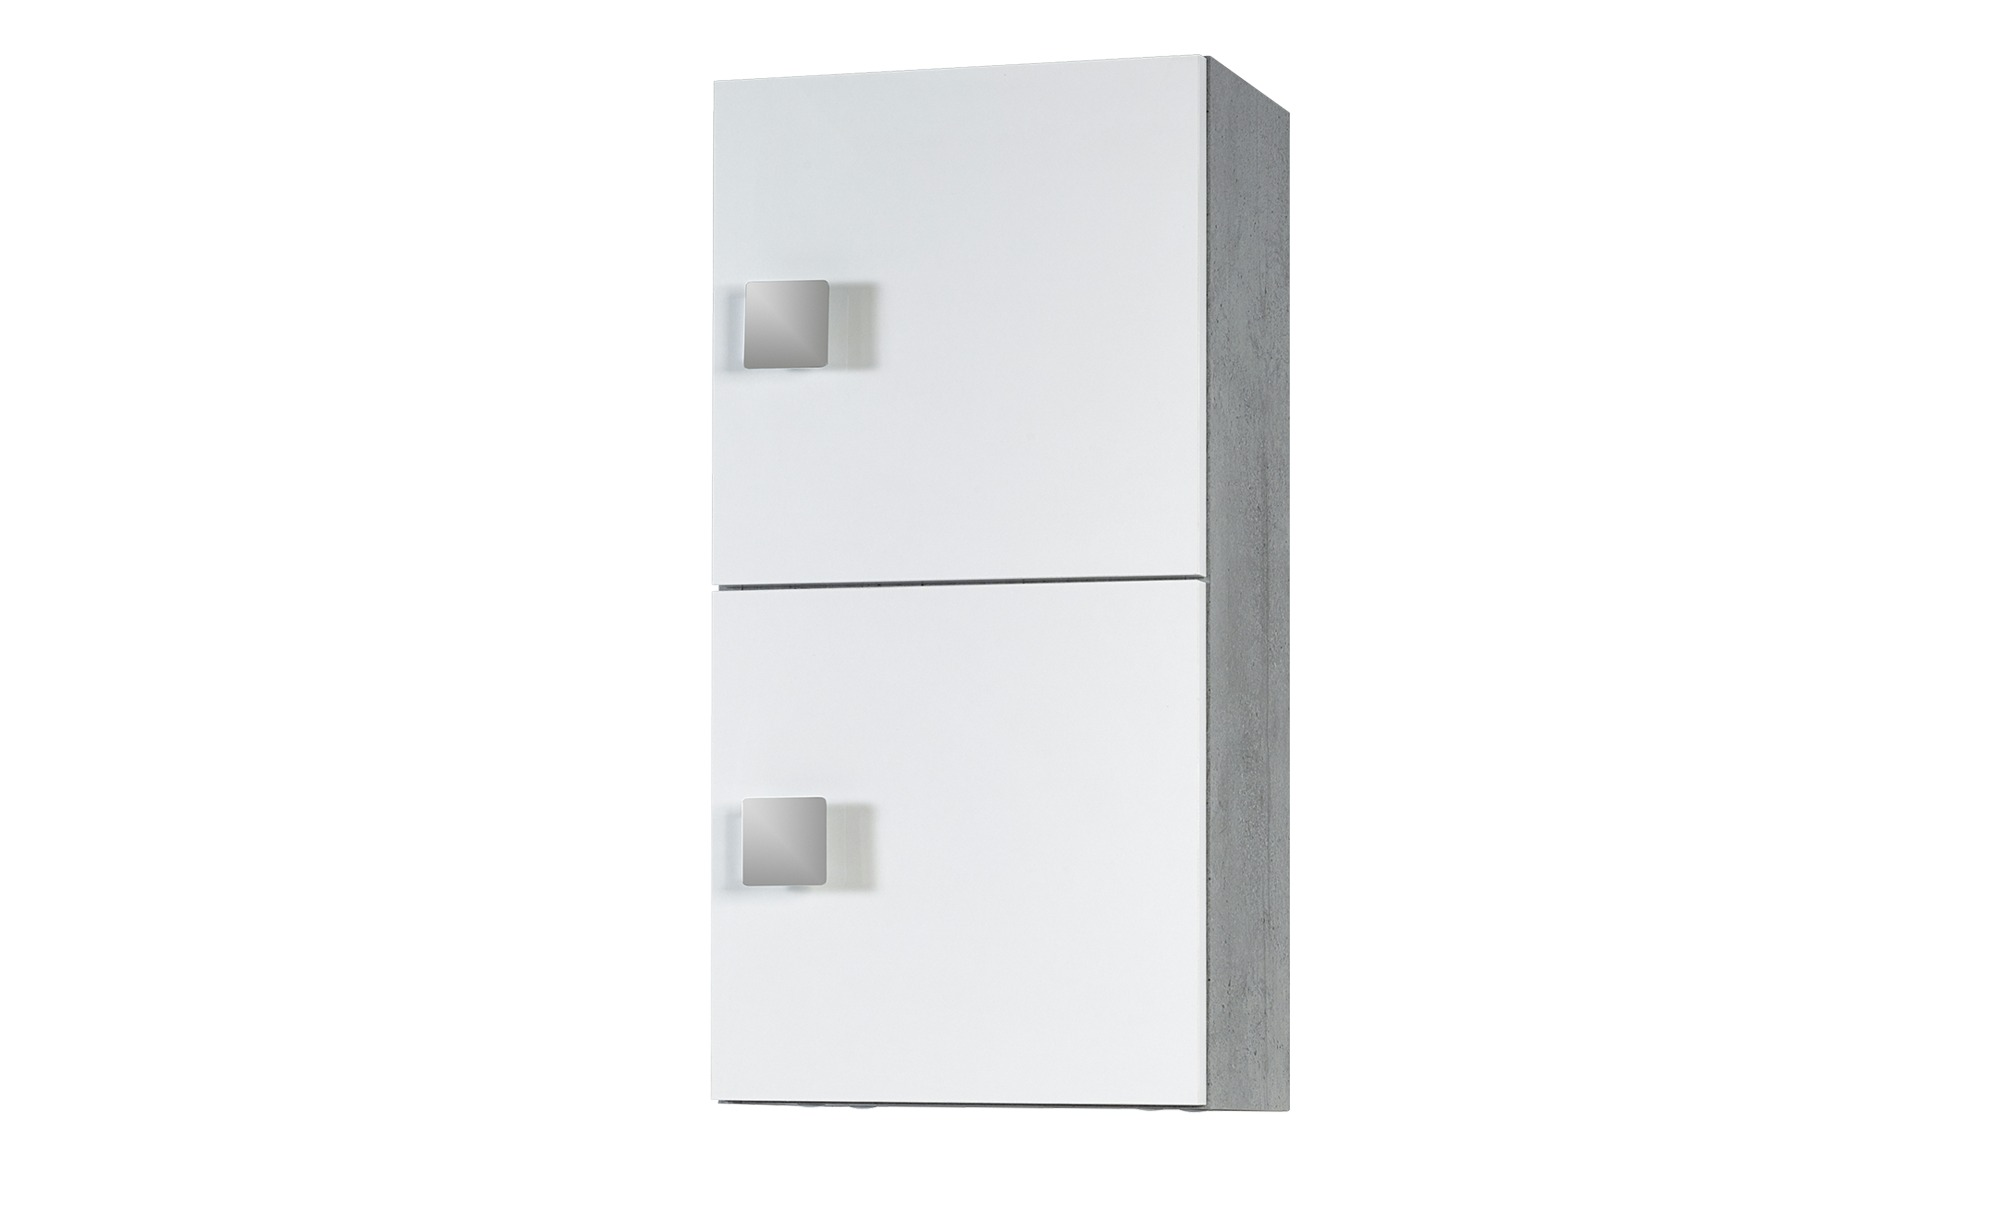 Bad-Hängeschrank - weiß - 33 cm - 65 cm - 20 cm - Schränke > Badschränke > Bad-Wandschränke - Möbel Kraft | Bad > Badmöbel > Hängeschränke fürs Bad | Sconto